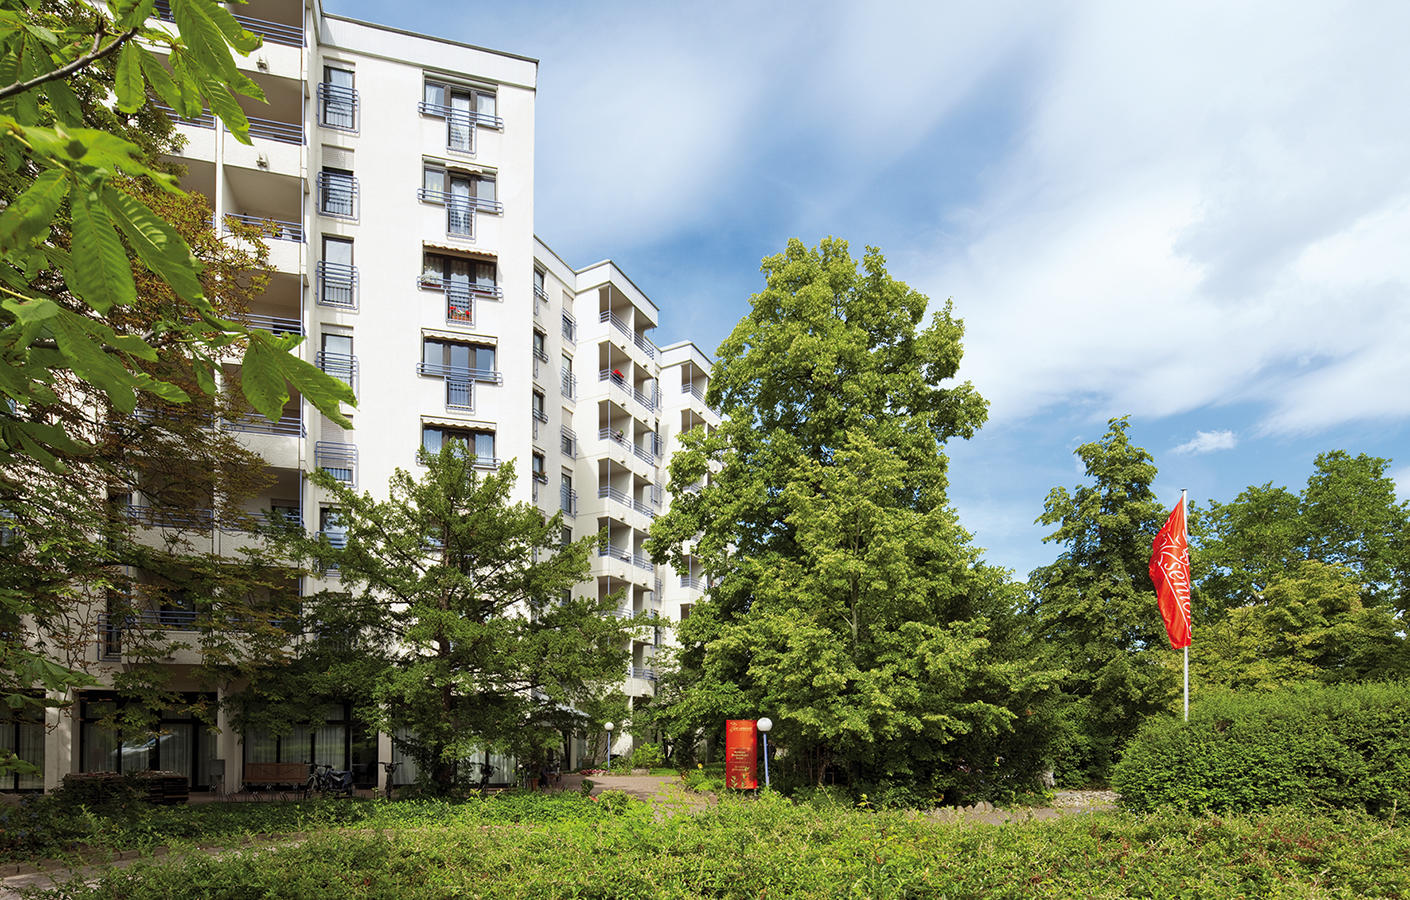 Pro Seniore Residenz Frankenthaler Sonne